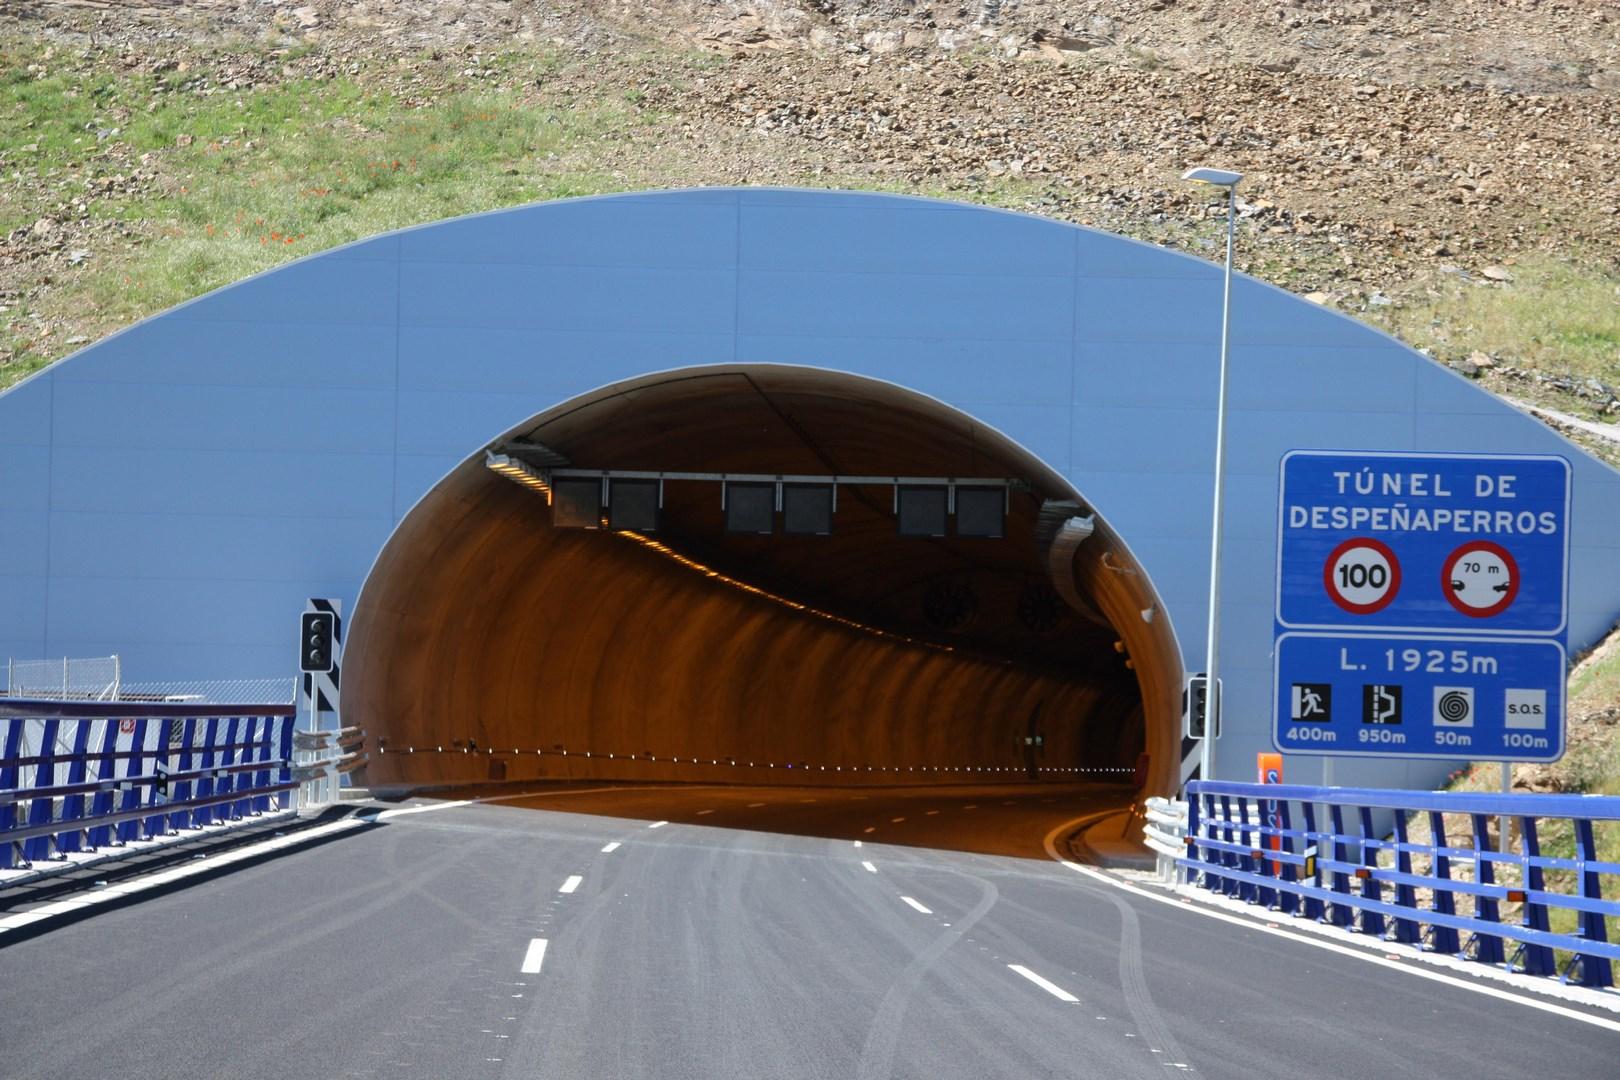 Despeñaperros Tunnel